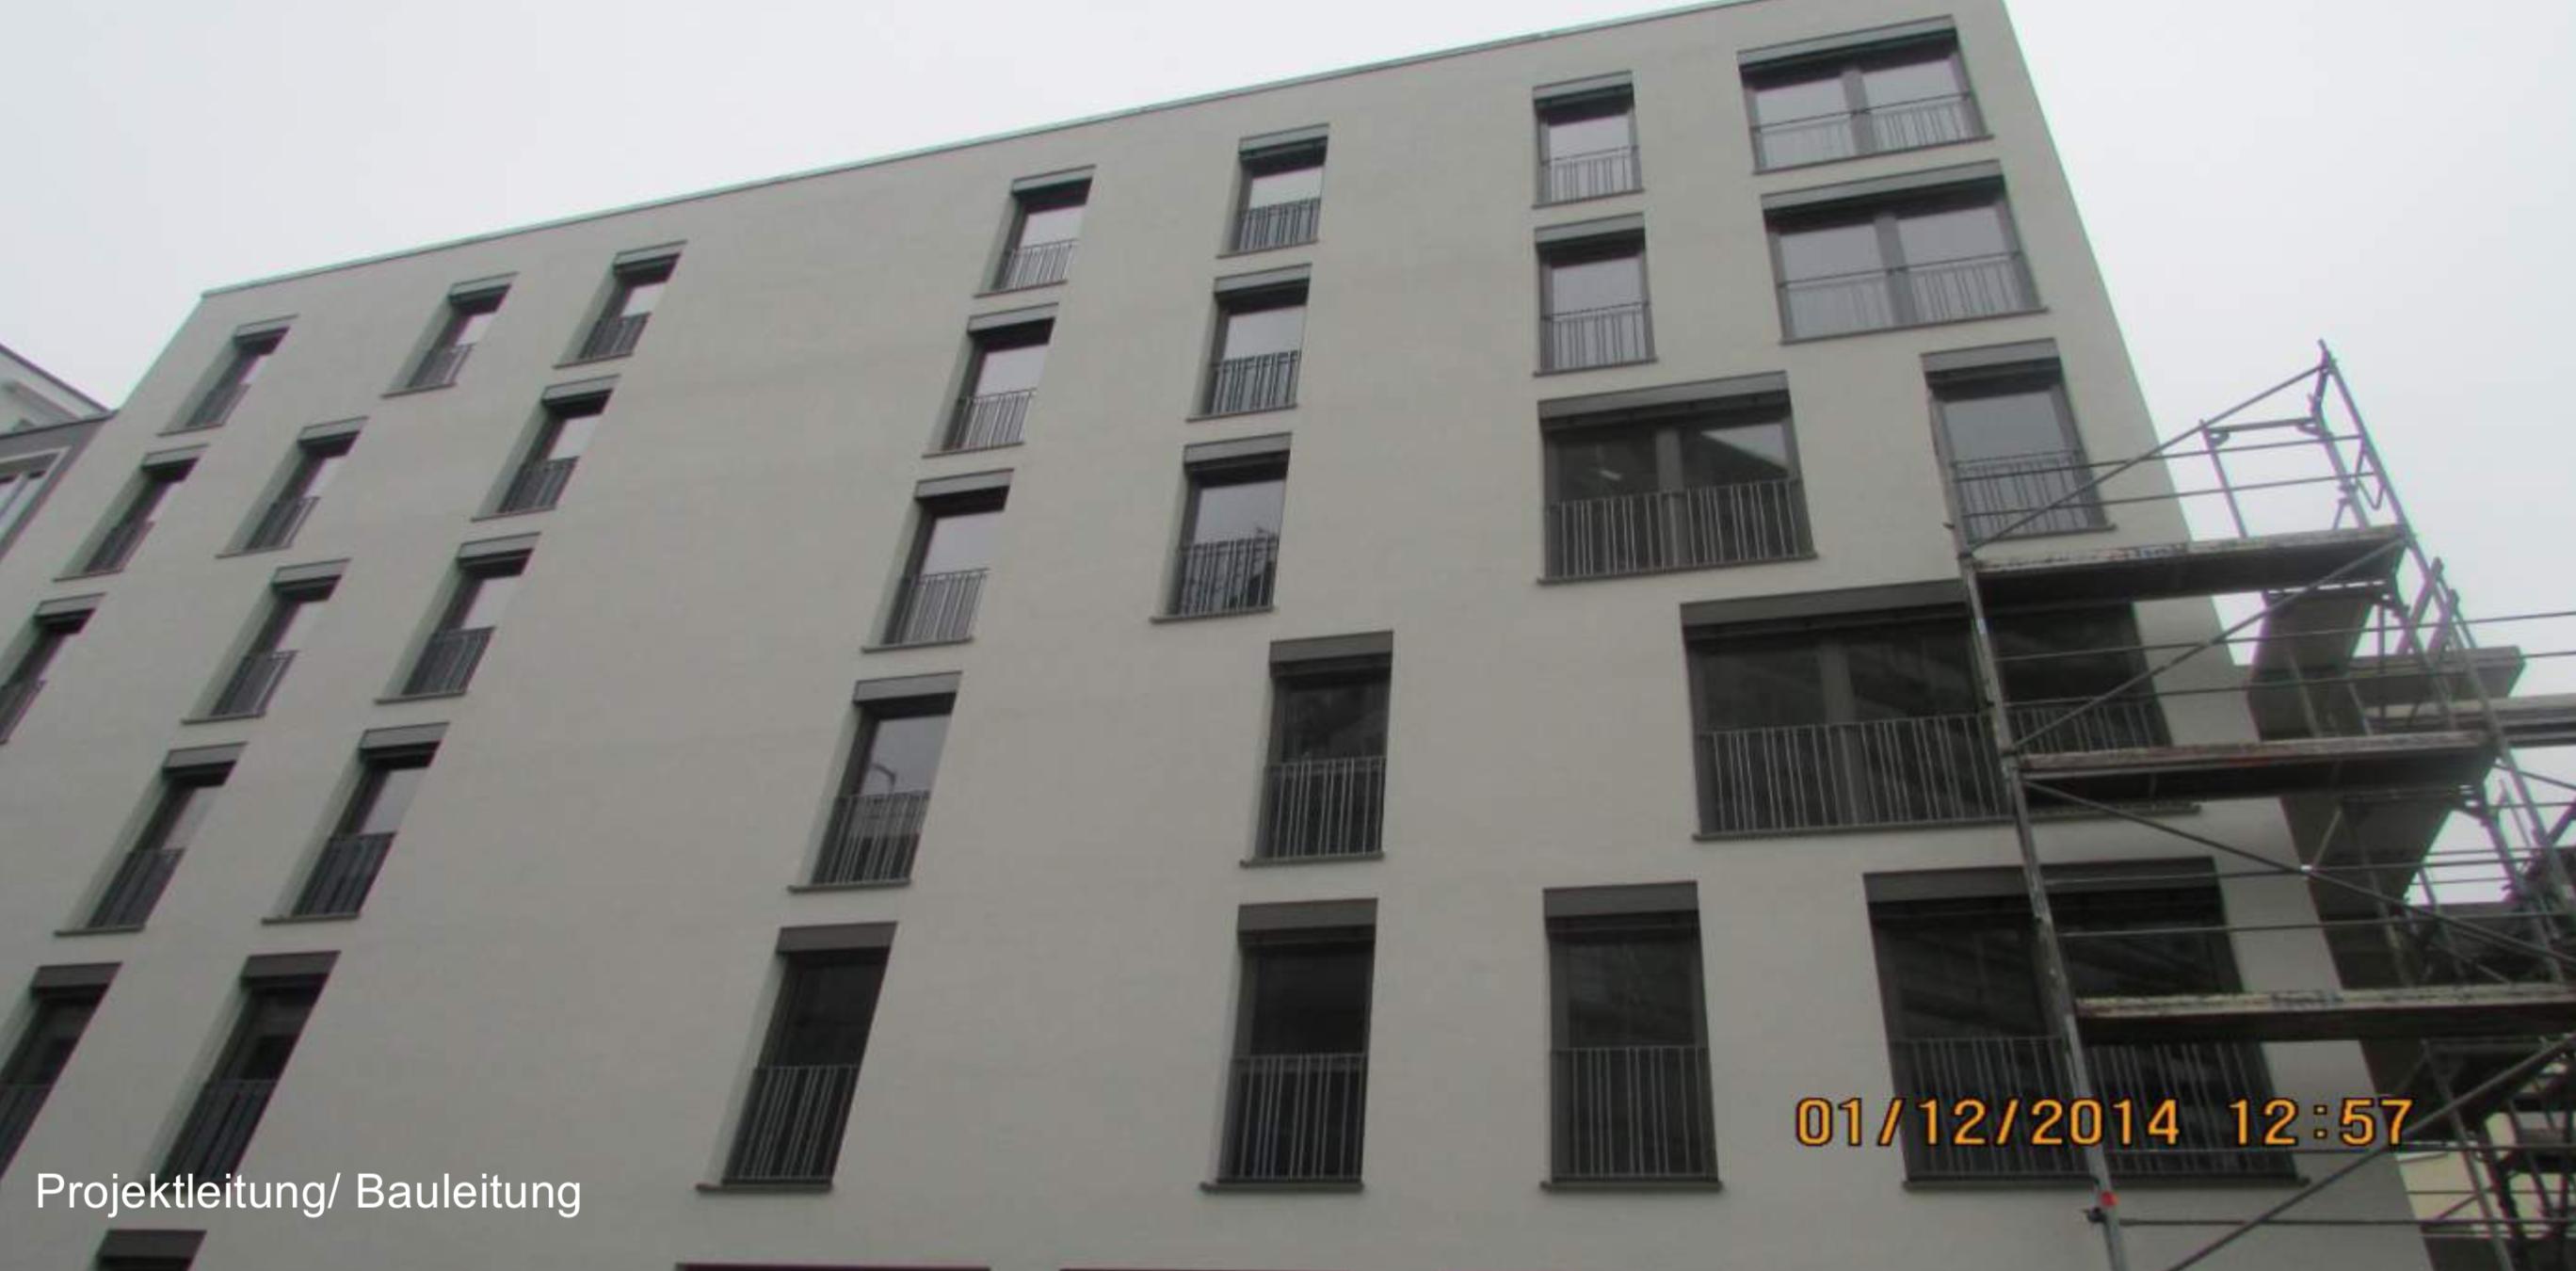 Baugenossenschaft Neu-Ulm